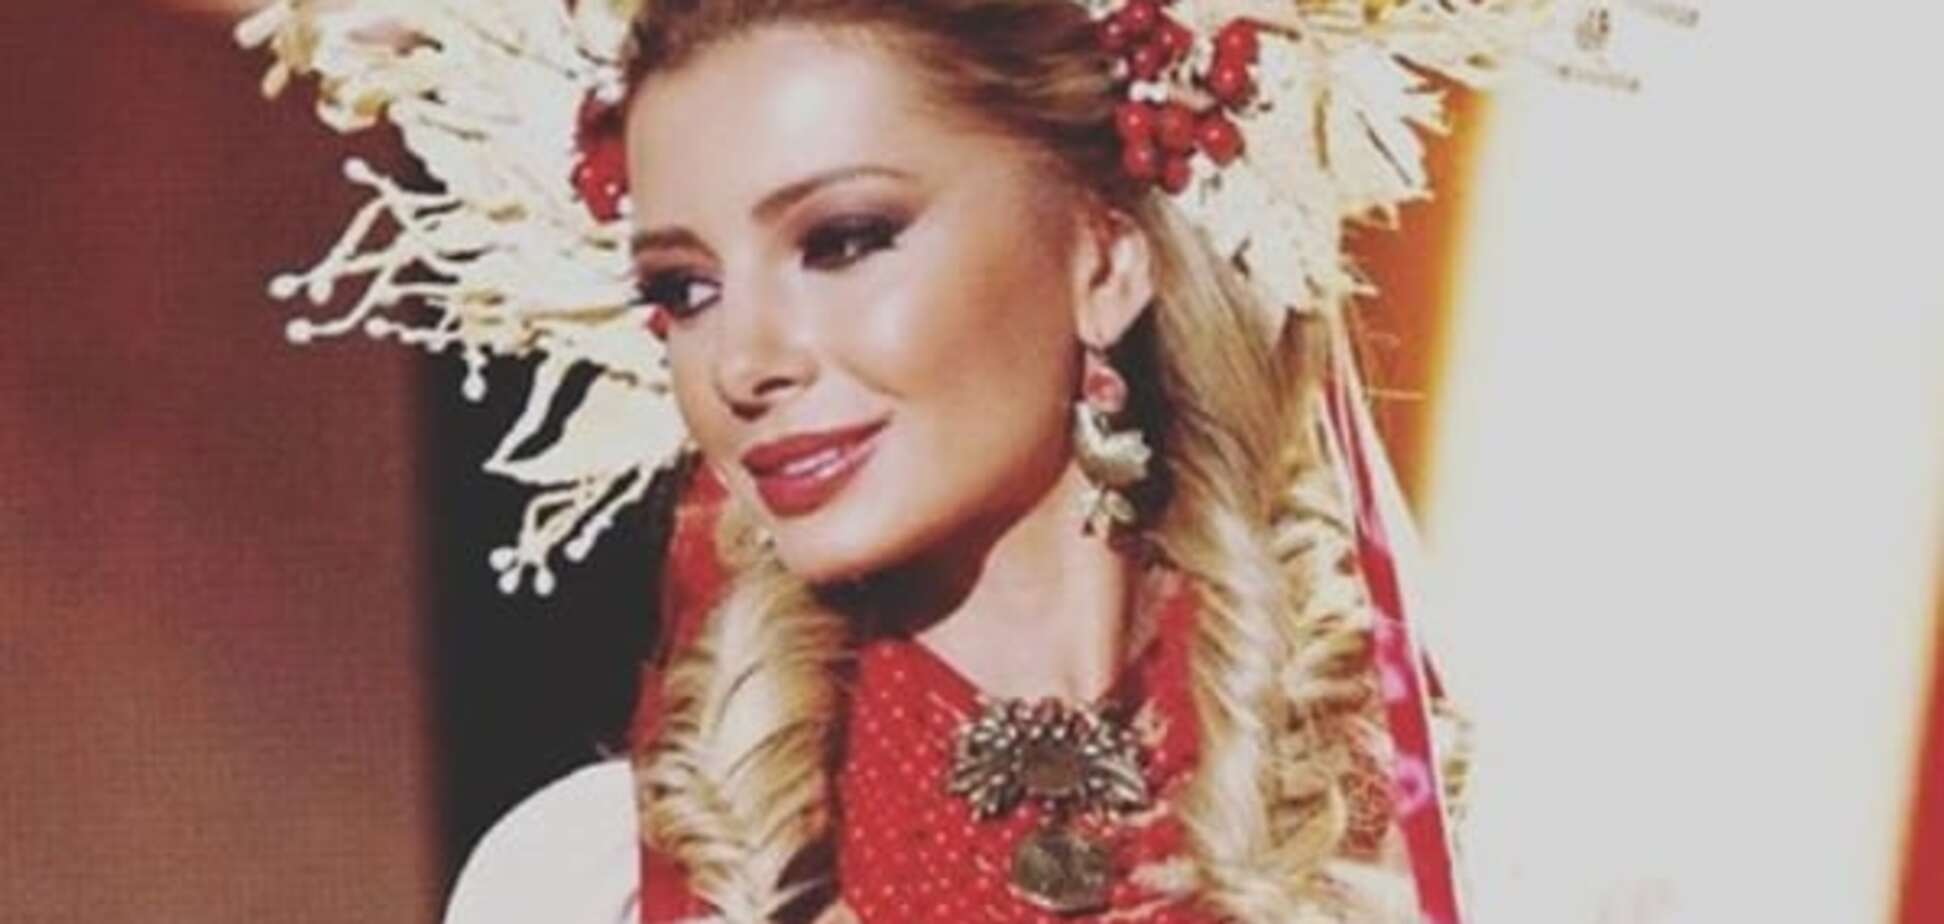 'Міс Всесвіт - 2015': українка показала розкішний національний костюм